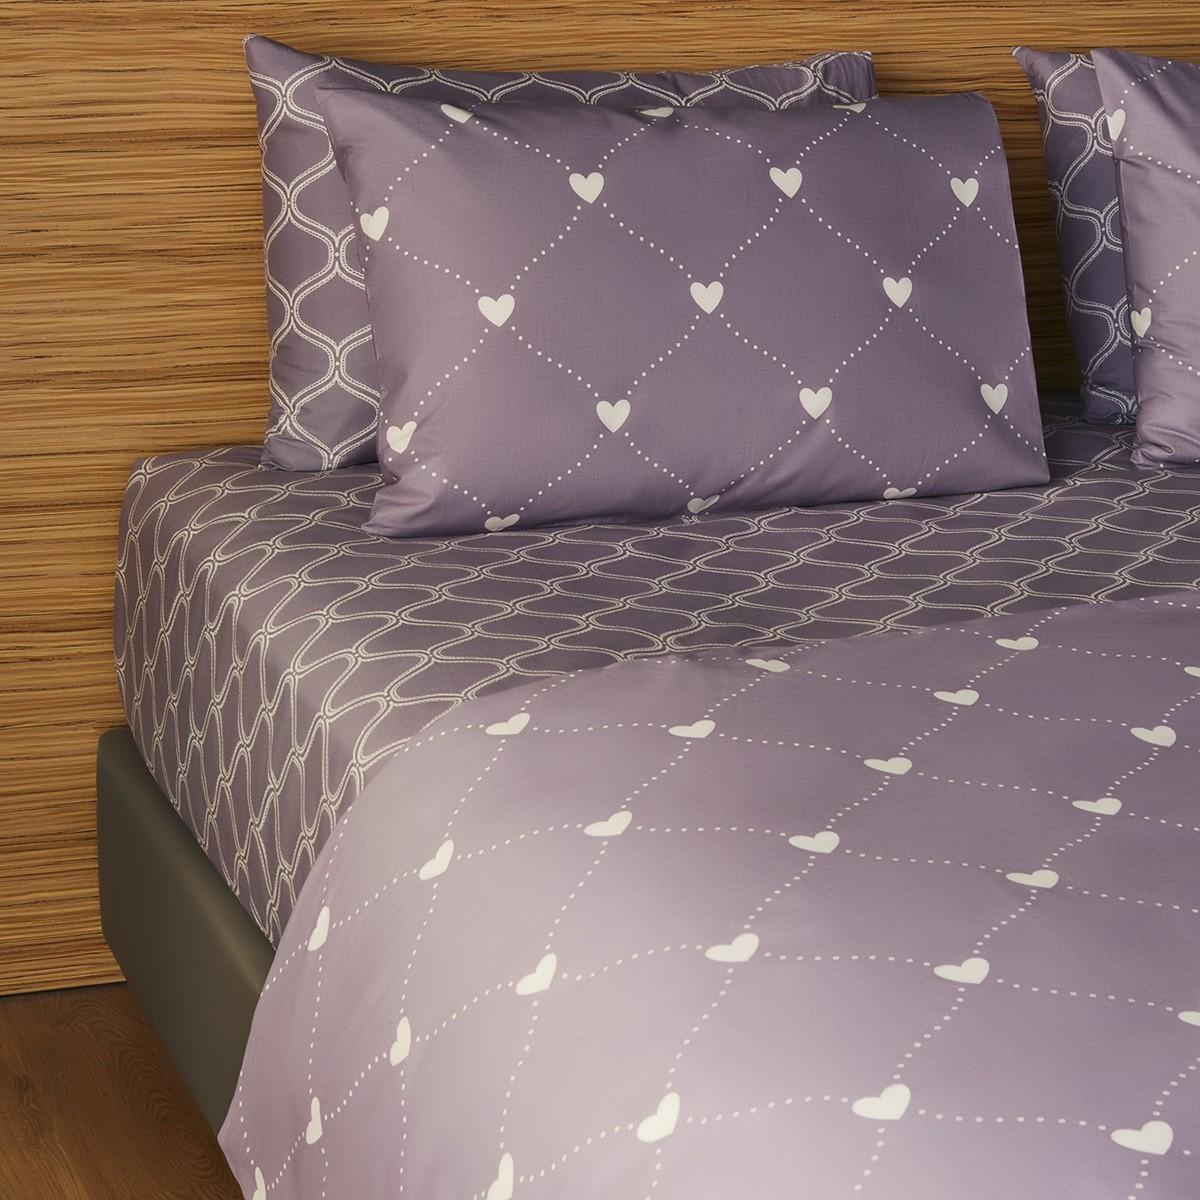 Σεντόνια Διπλά (Σετ) Melinen 12867 Purple